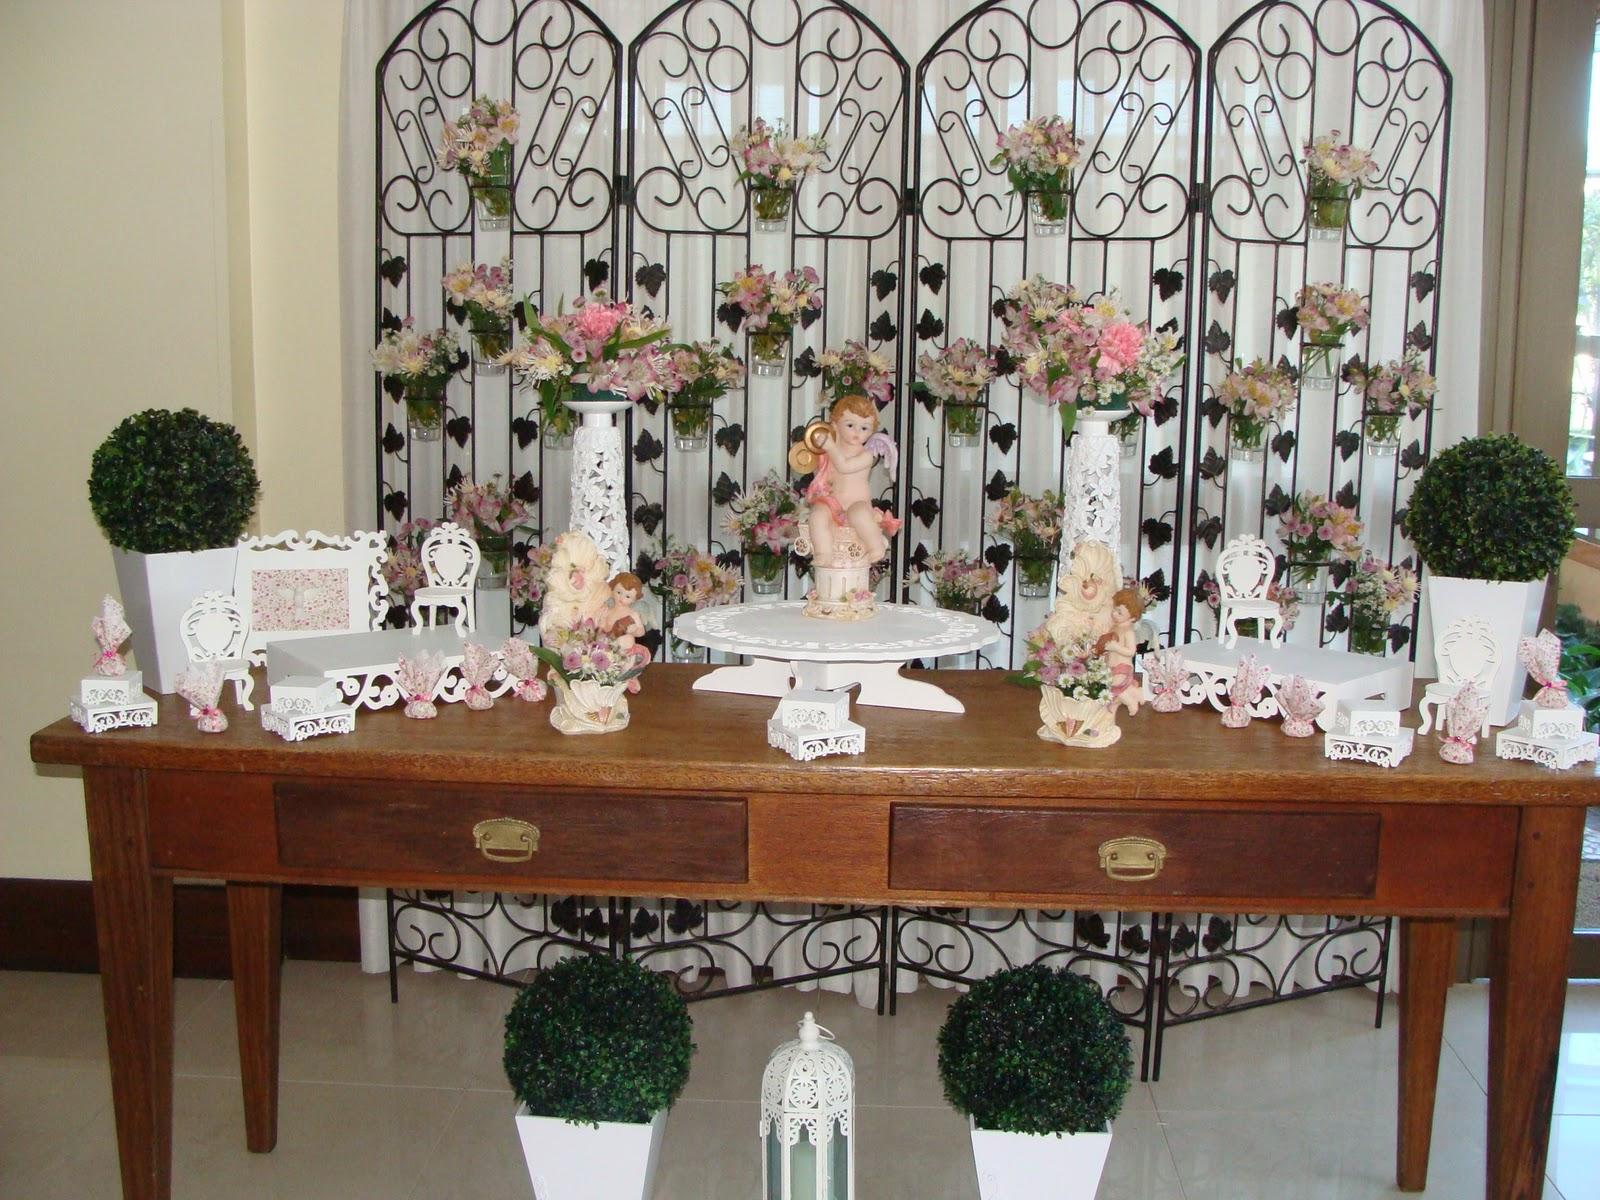 La Belle Vie Eventos Festa Primeira Comunh u00e3o da Bianca -> Decoração De Festa Para Primeira Comunhão